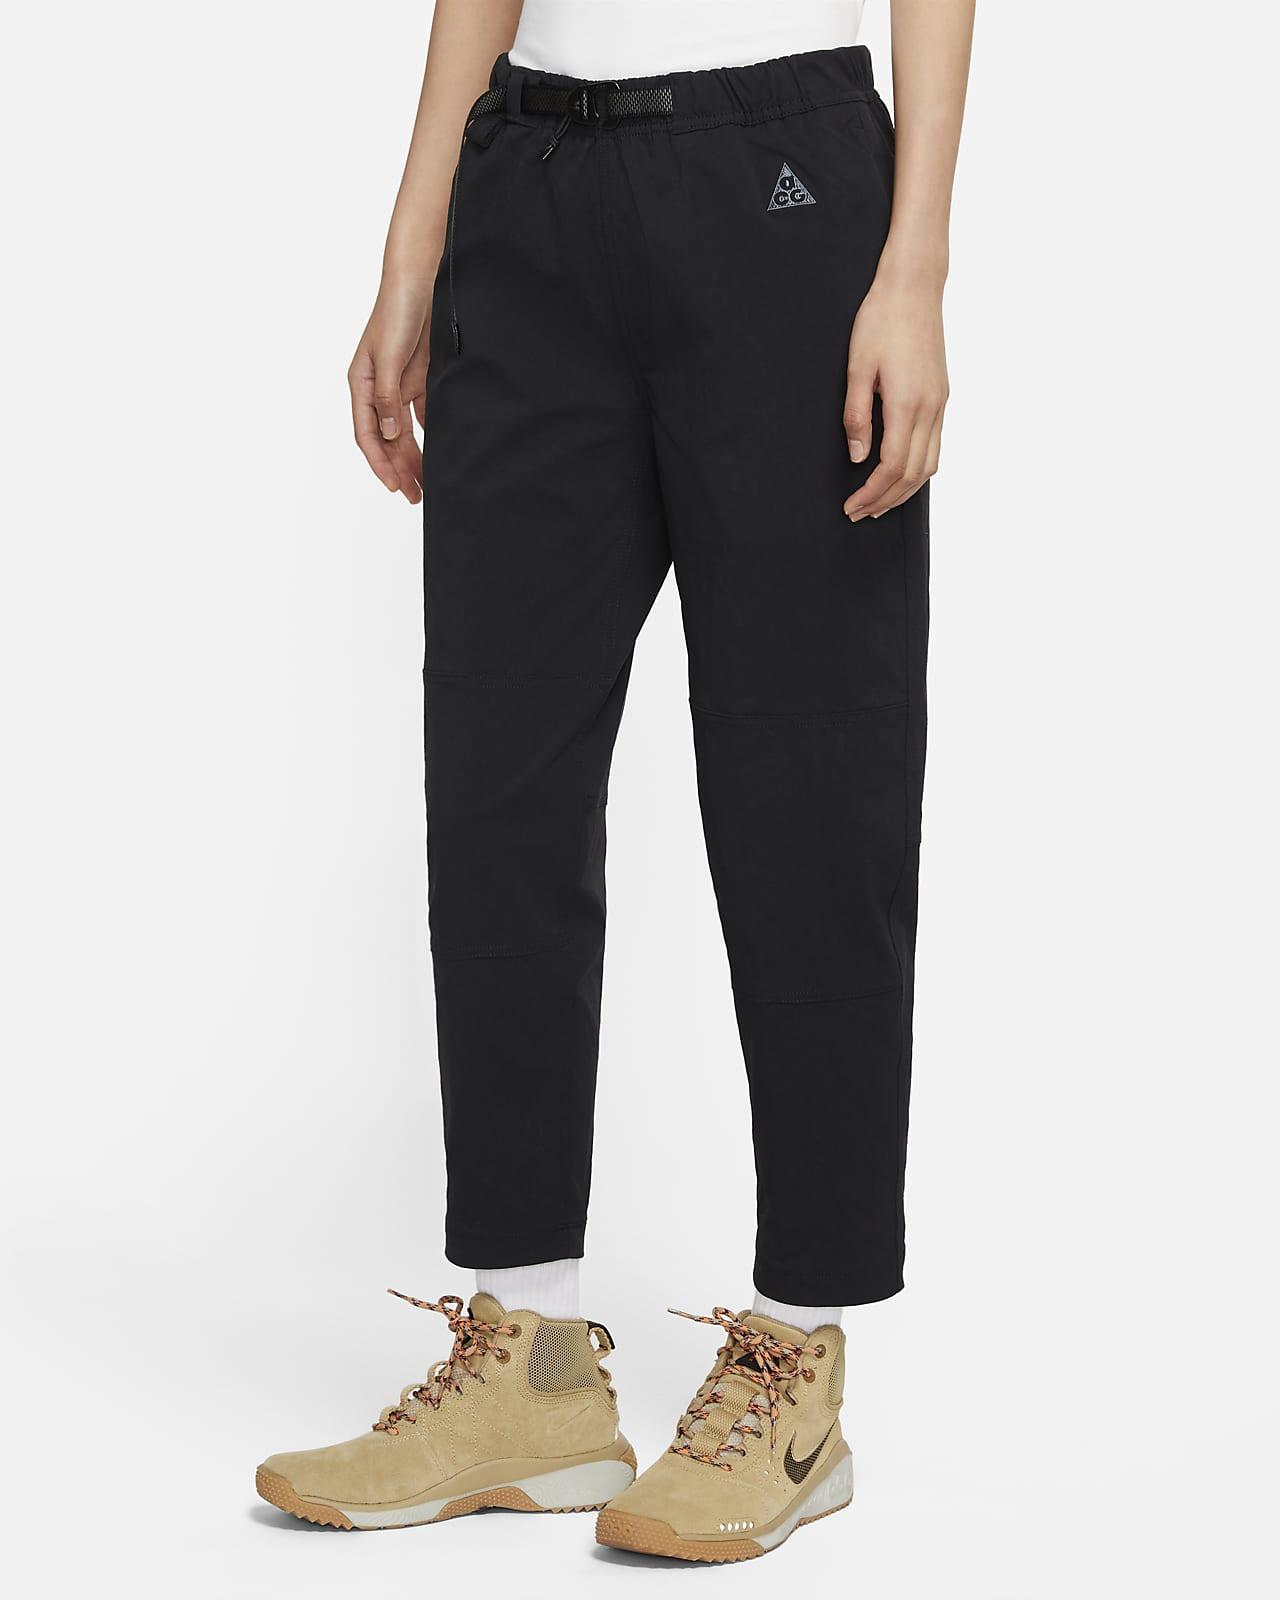 Nike ACG Women's Trail Trousers